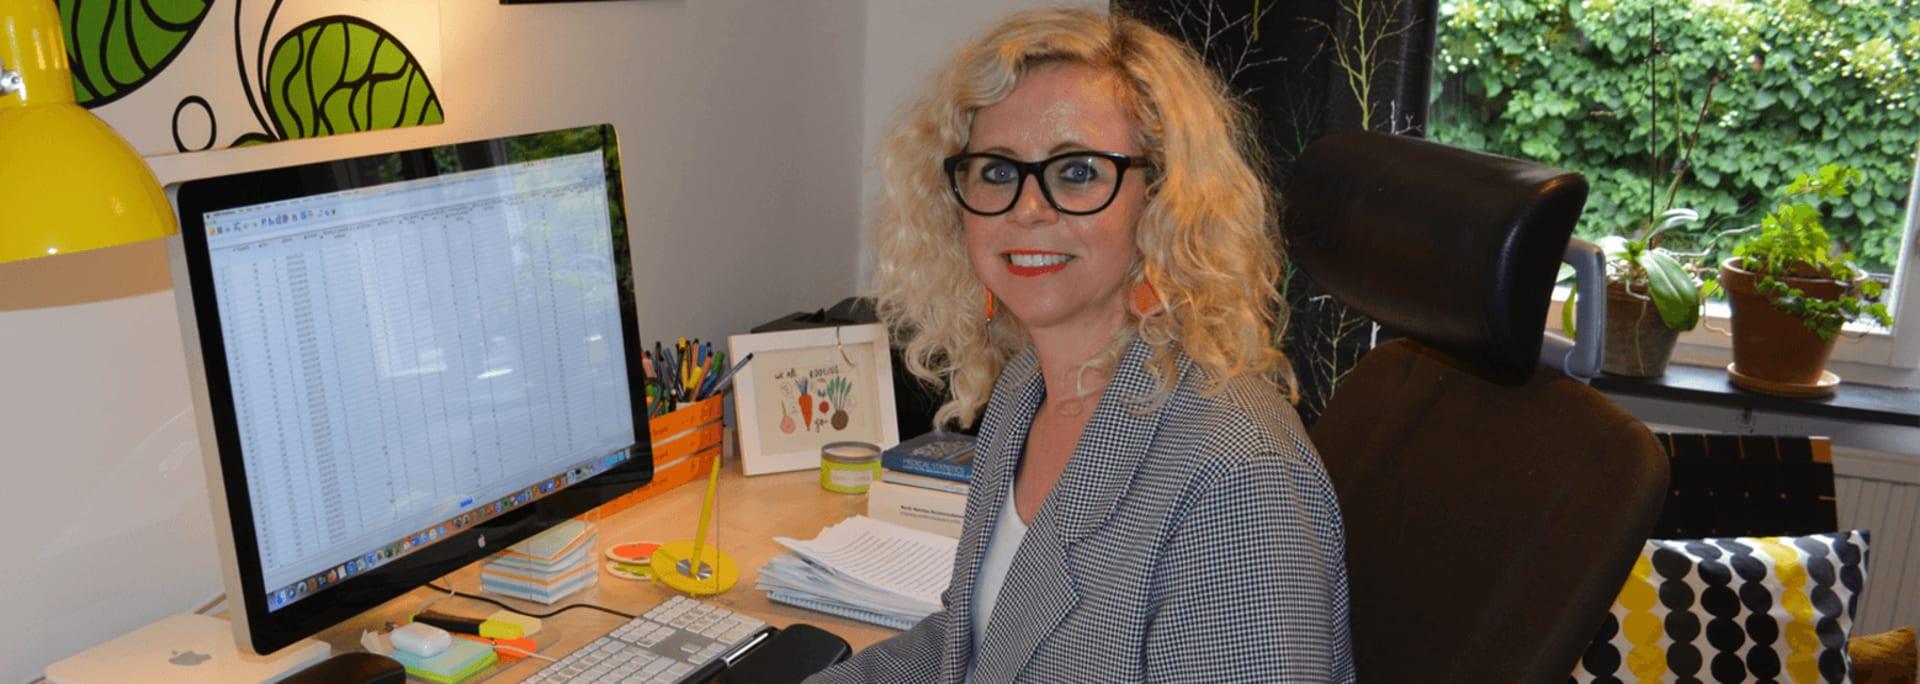 Ulrica Johansson, forskare i Otis-studien vid Umeå Universitet